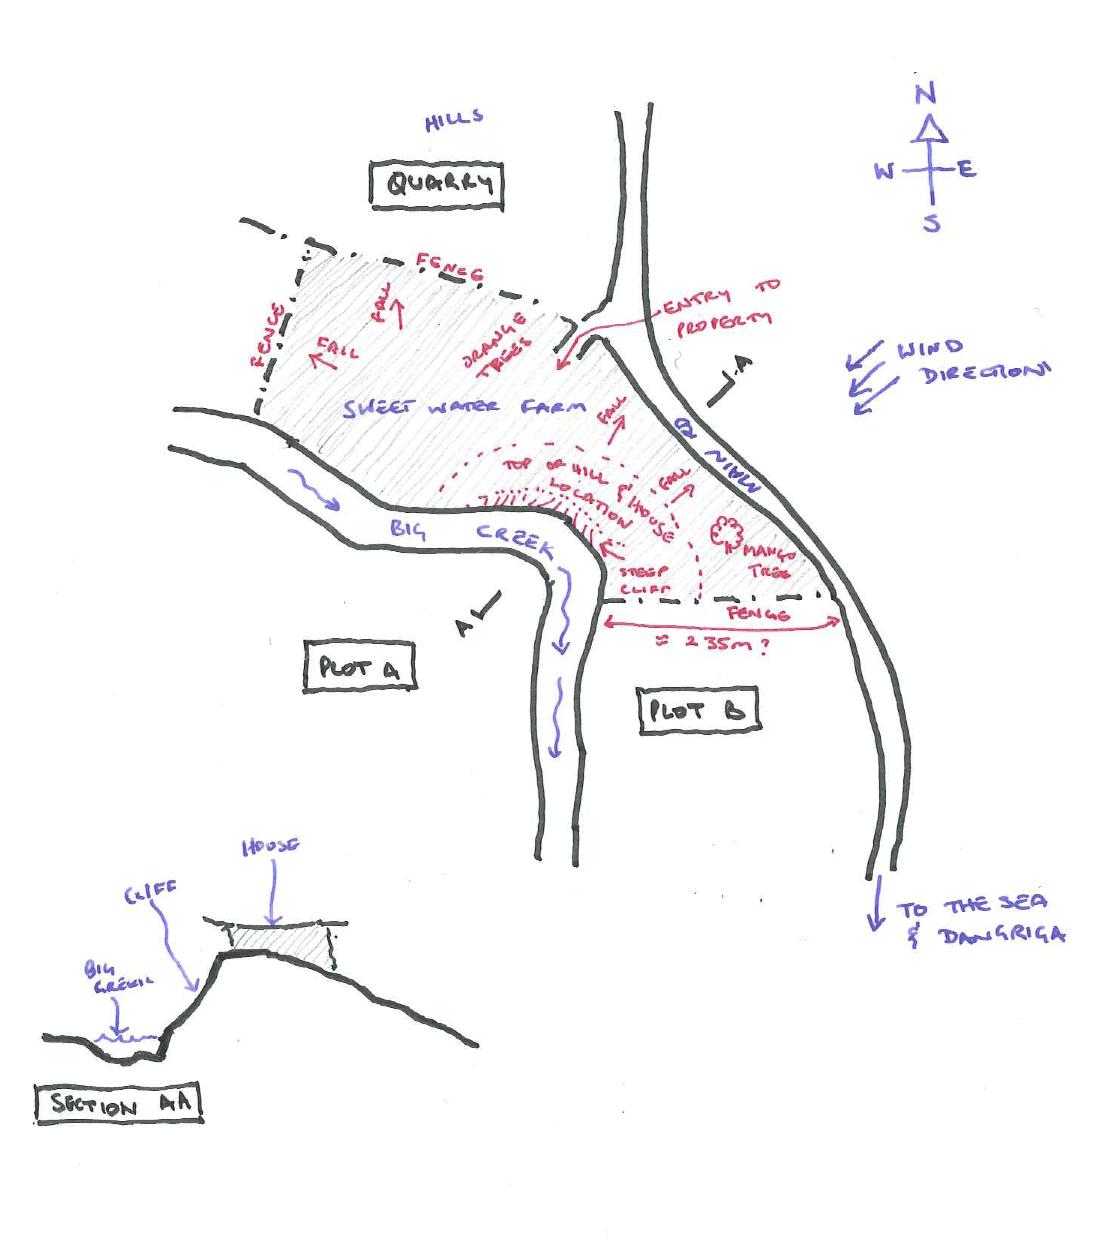 SWF Site sketch.jpg